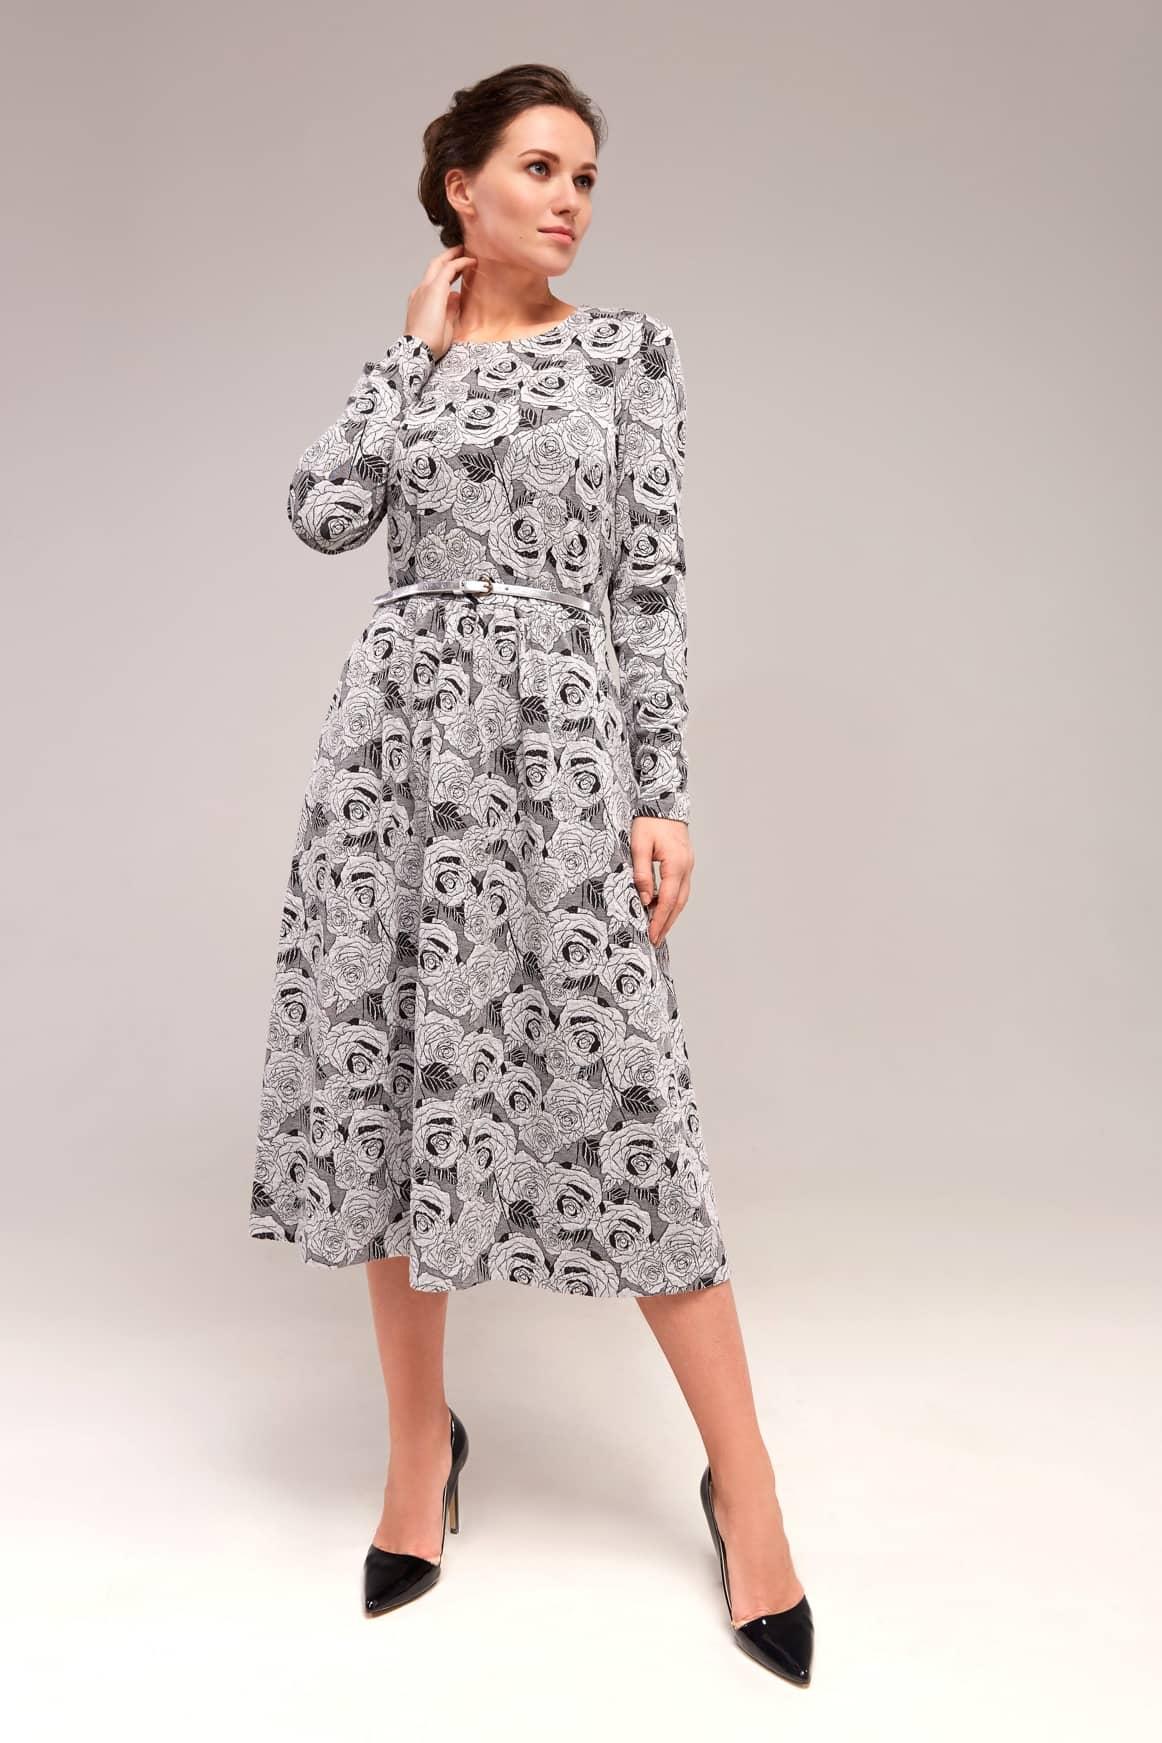 Красивое женственное платье Top Desing B7 135